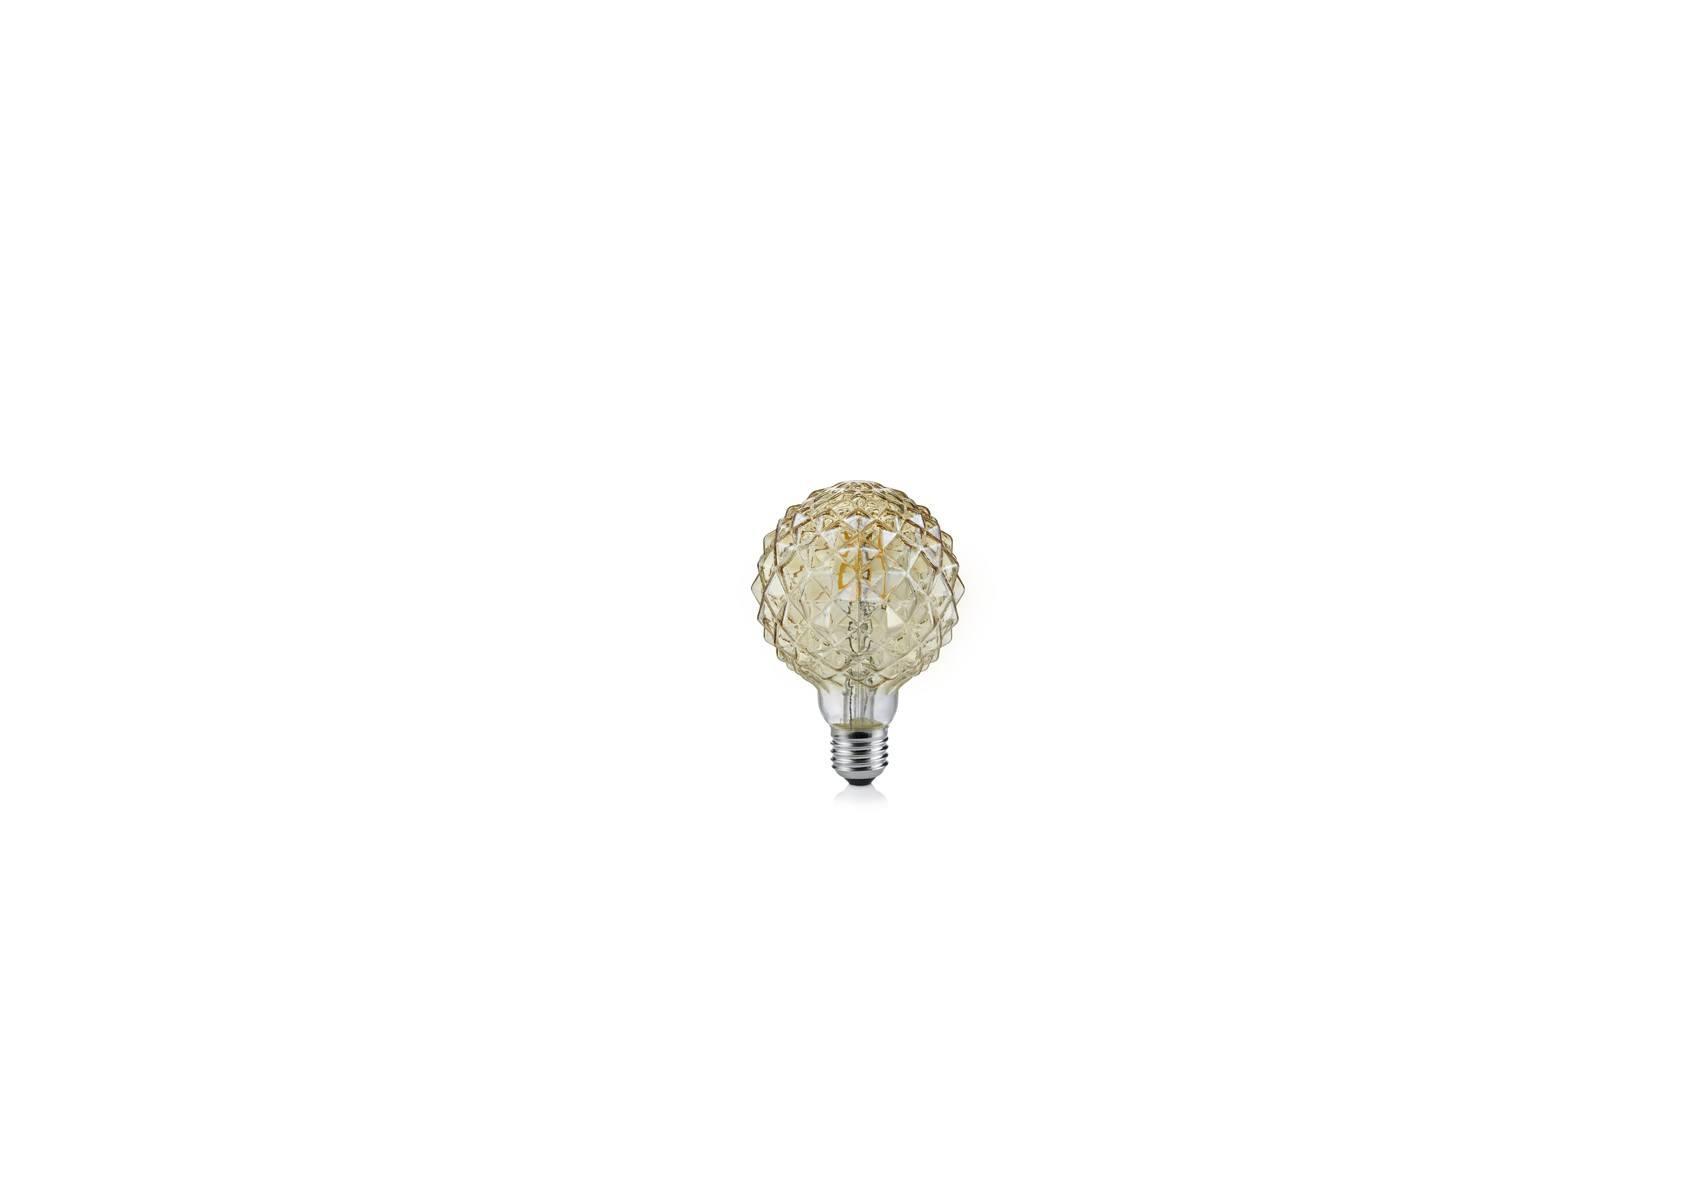 E27 Design Déco Avec Led 4w Filaments GlobeTrés Ampoule Et En SpqzUMV